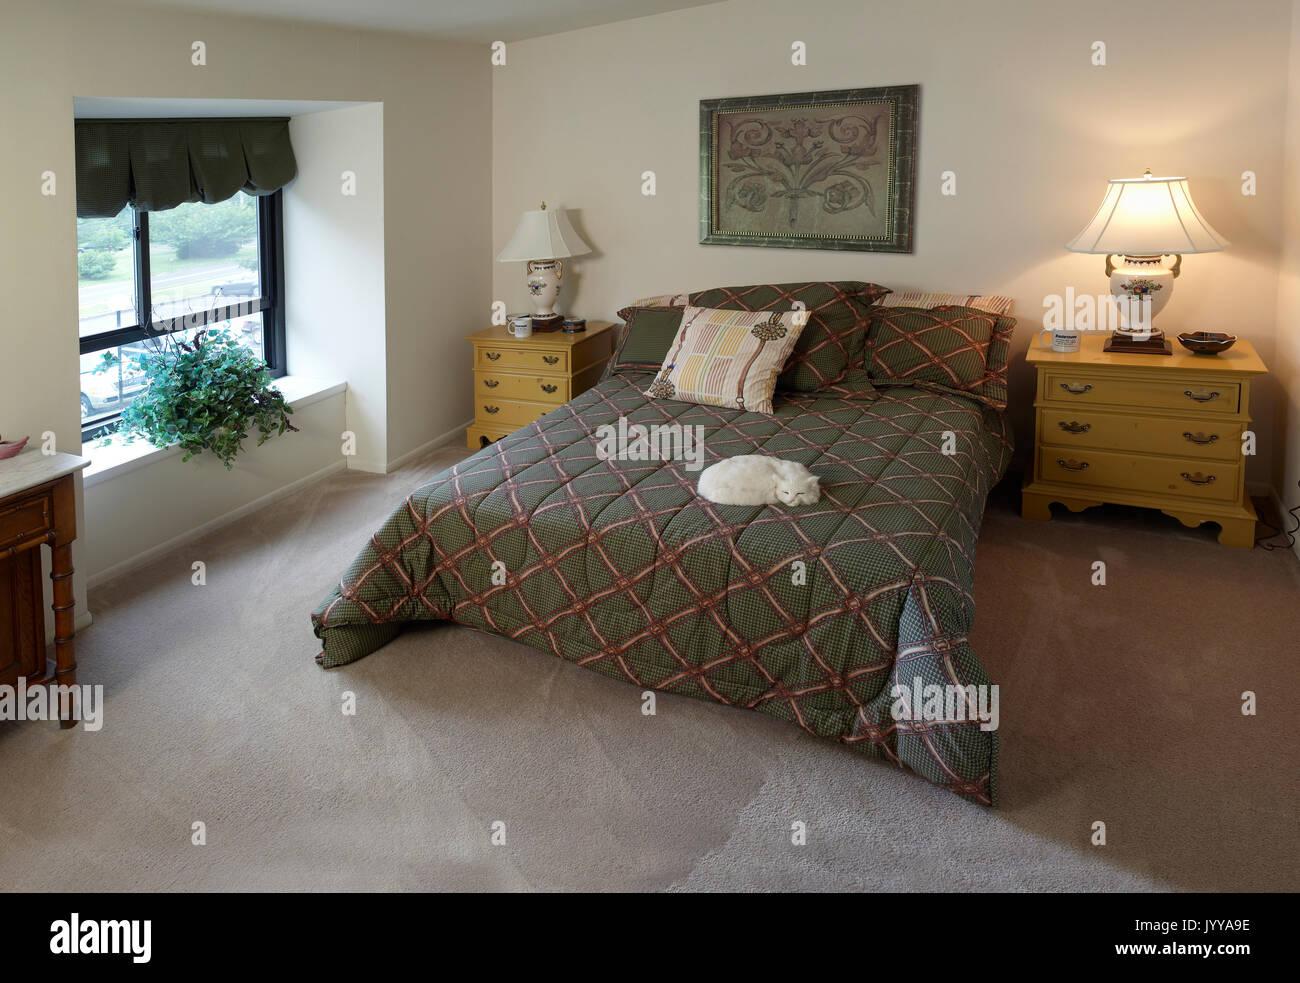 Wohn Schlafzimmer Mit Katze Auf Bett Stockfoto Bild 154879466 Alamy